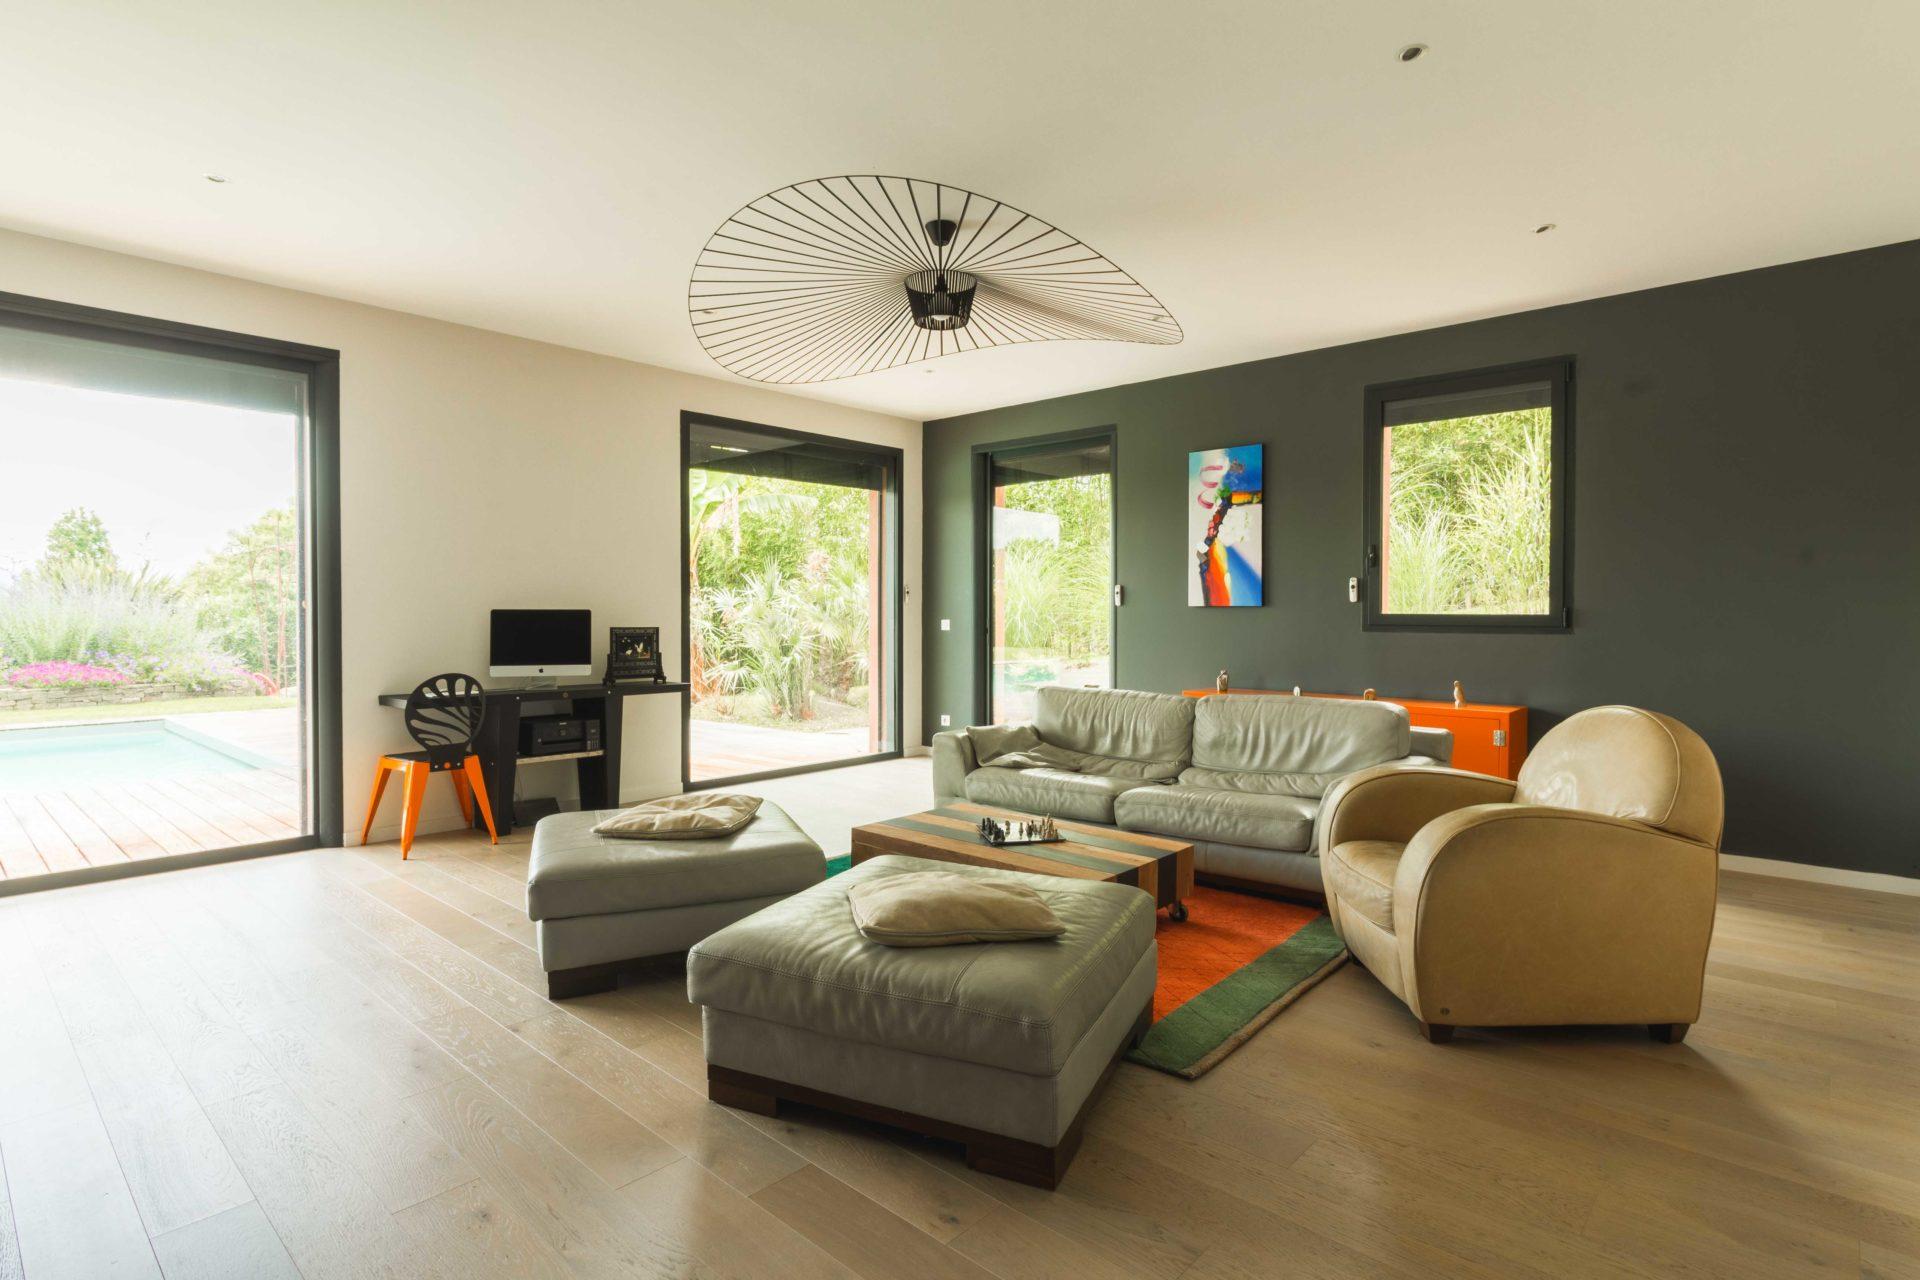 photographe-immobilier-photographe lourdes-tarbes-pau-airbnb-trivago-square habitat-crédit agricole-louer-acheter-vendre-appartement-maison